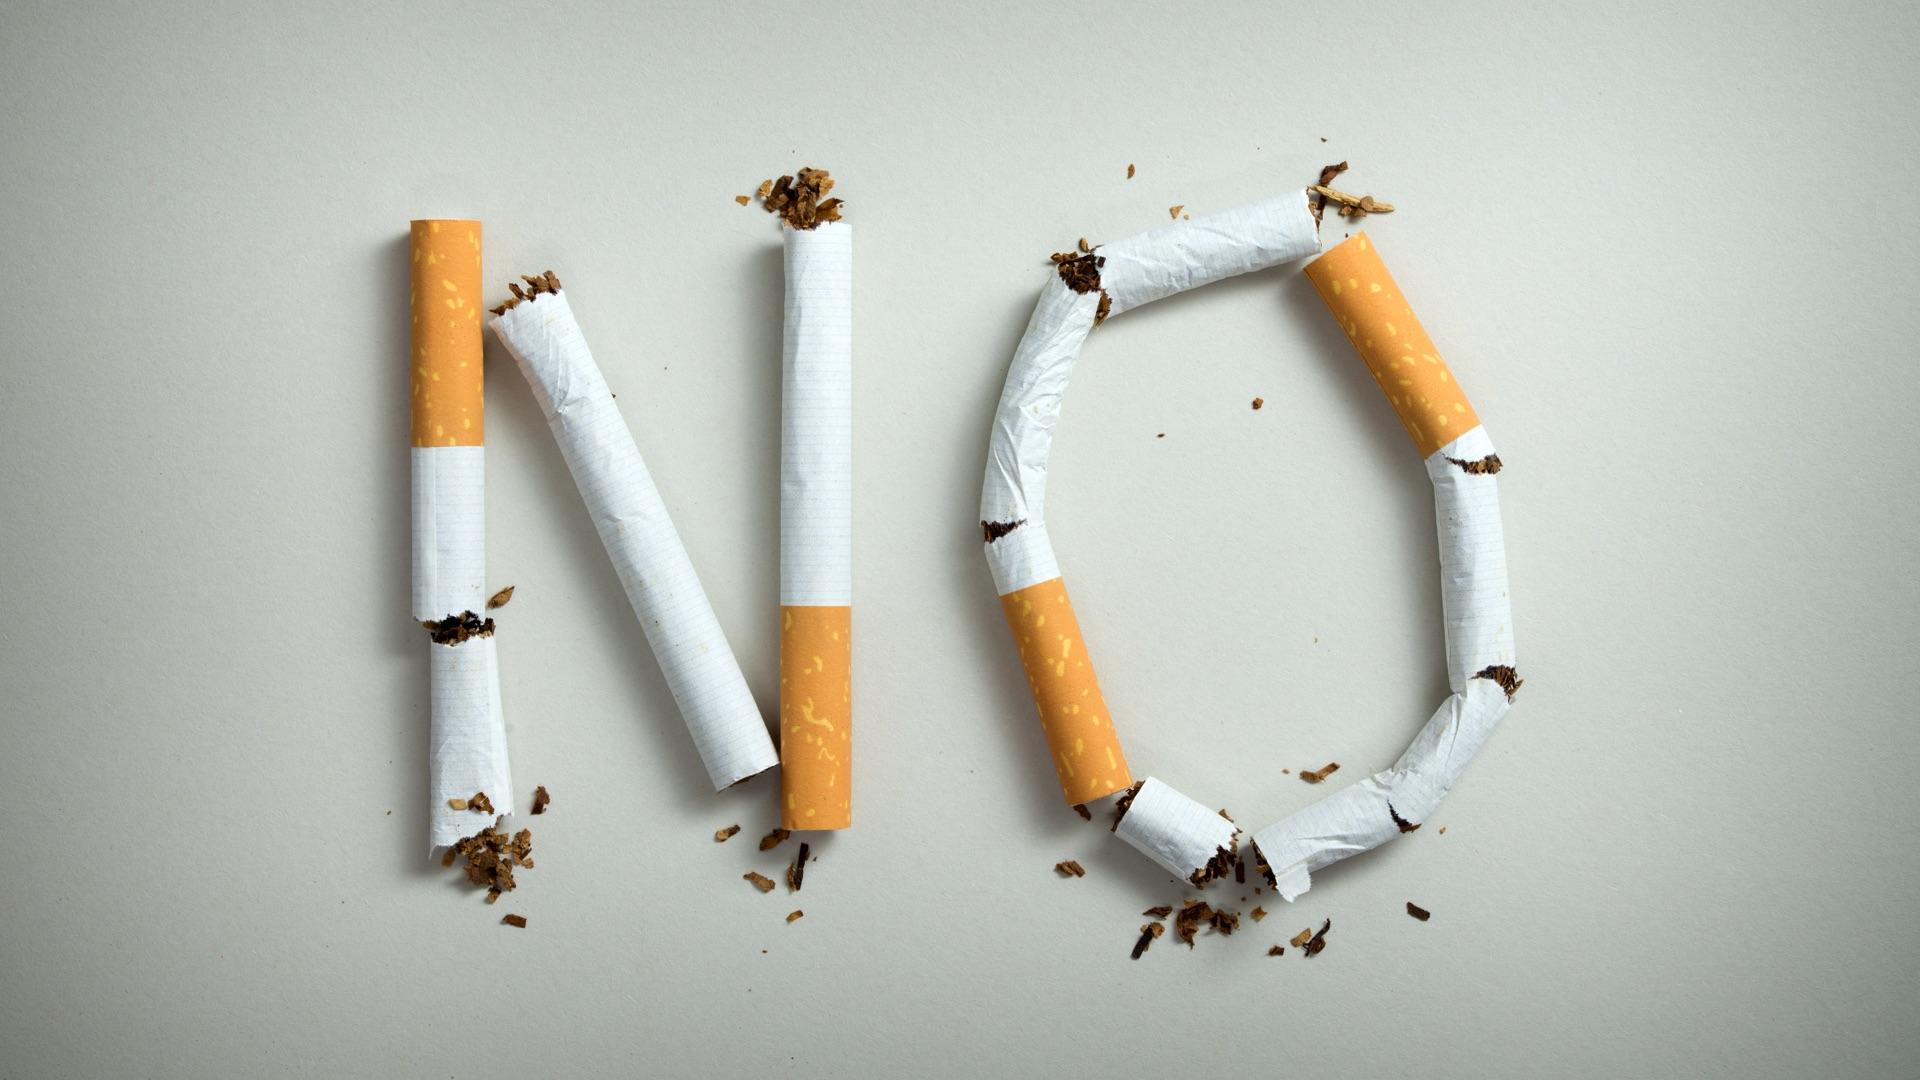 Una buena razón para dejar el tabaco: evitar enfermedades periodontales